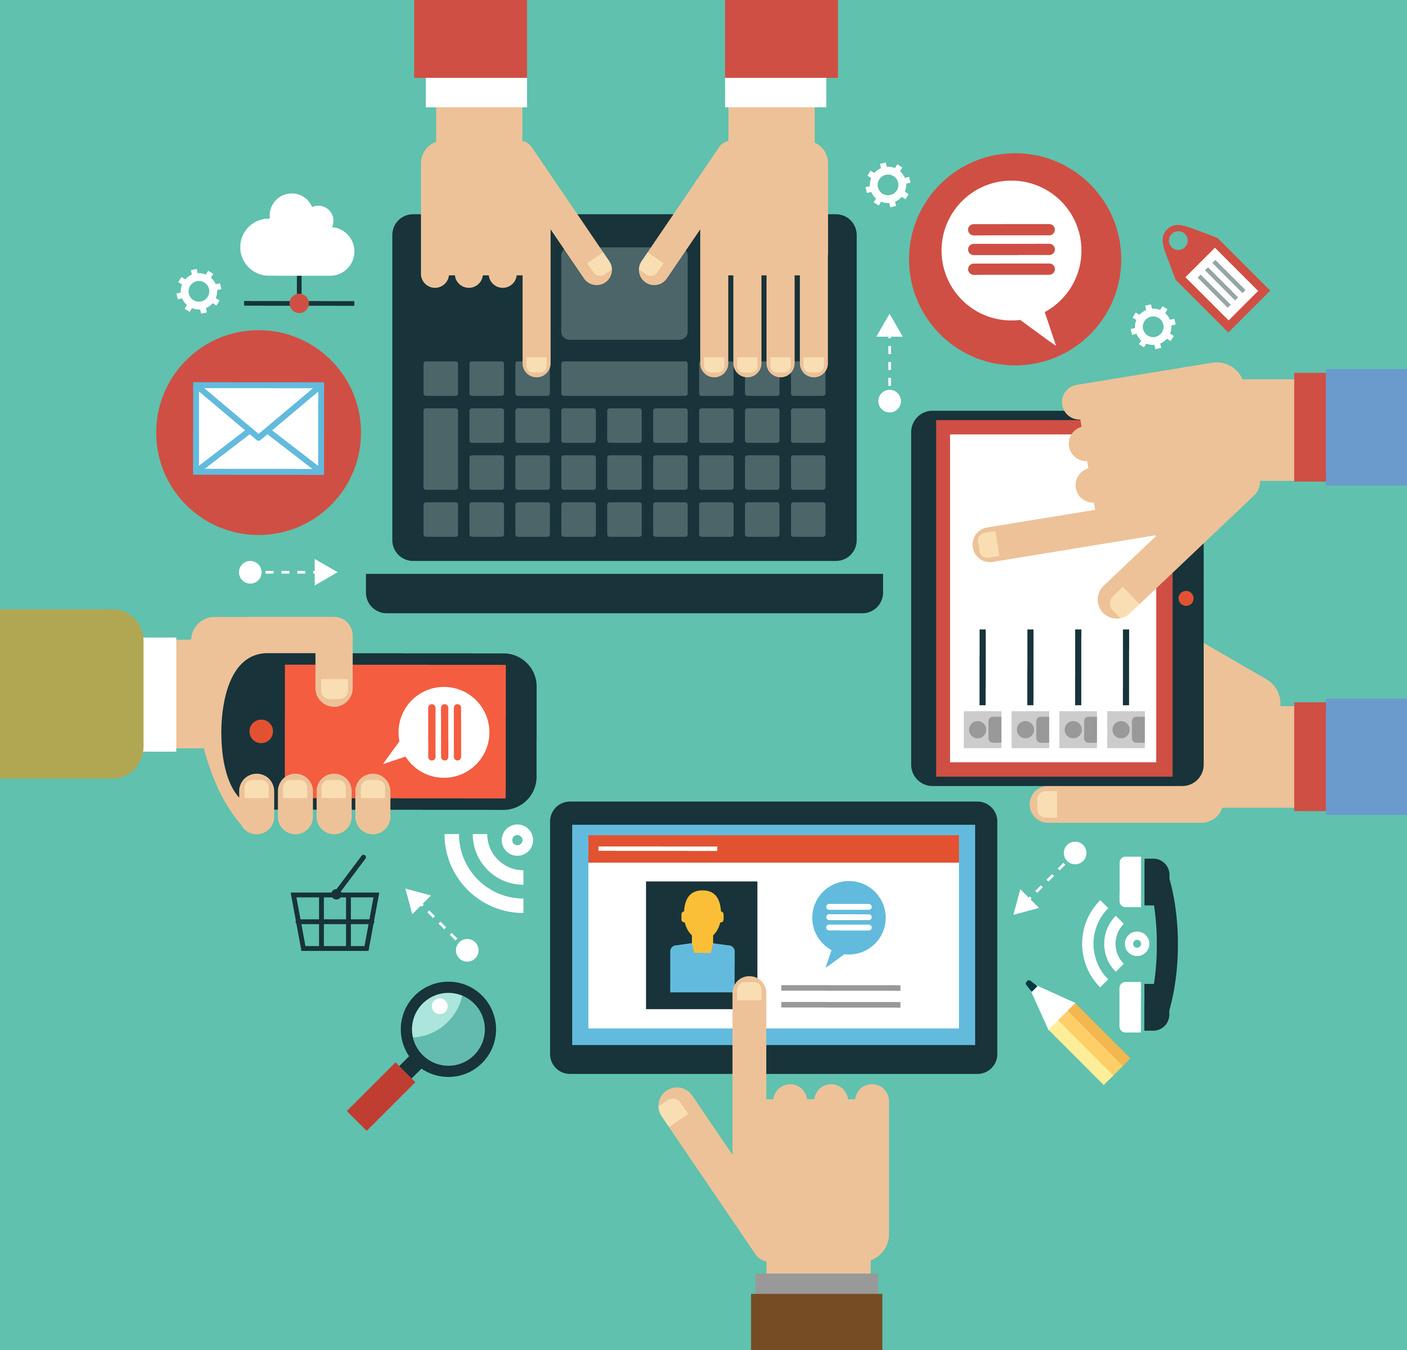 MACHINE LEARNING POUR SA CYBERSECURITE : COMMENT SE RETROUVER DANS LA JUNGLE DES PRODUITS